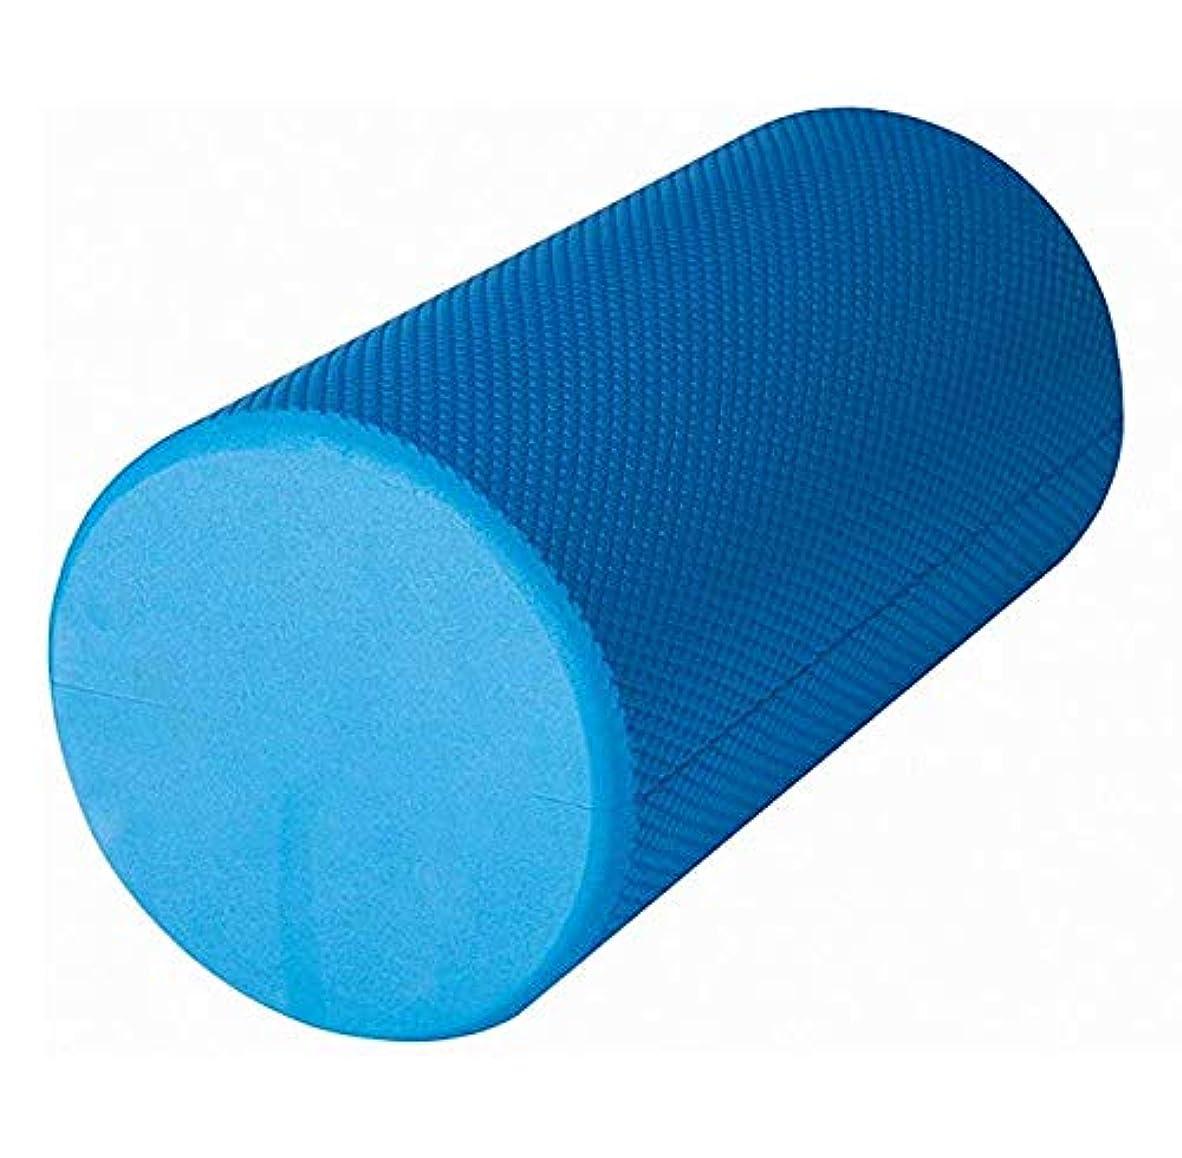 手段共感する膨らませるフォームローラー、ディープティシューマッスルマッサージ用バックローラー-ブルー,Blue -30x15cm